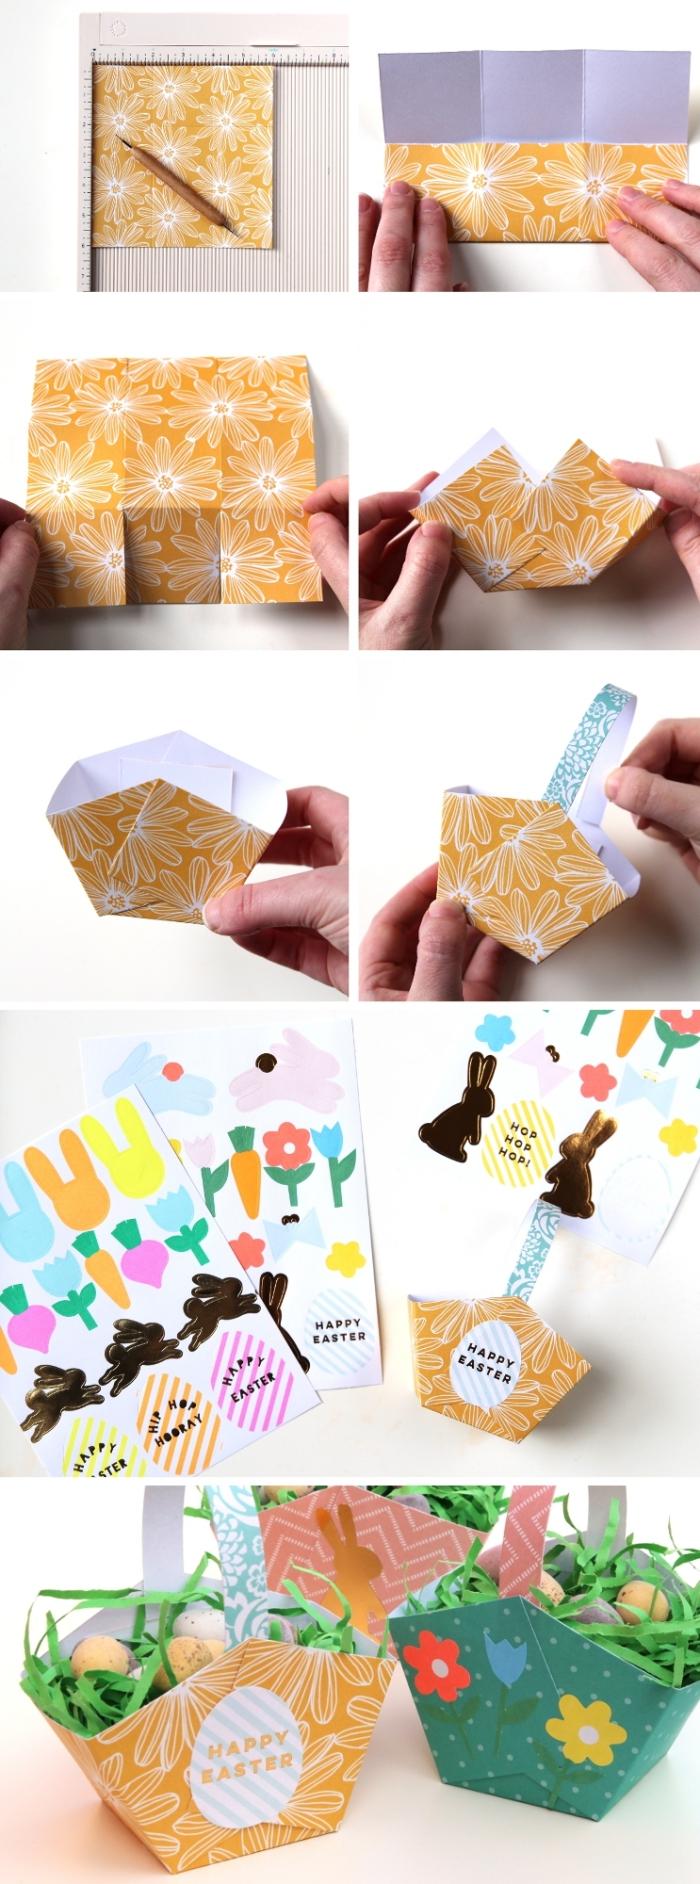 étapes à suivre pour réaliser un panier en papier cartonné facile, pliage de papier facile pour faire un panier oeufs